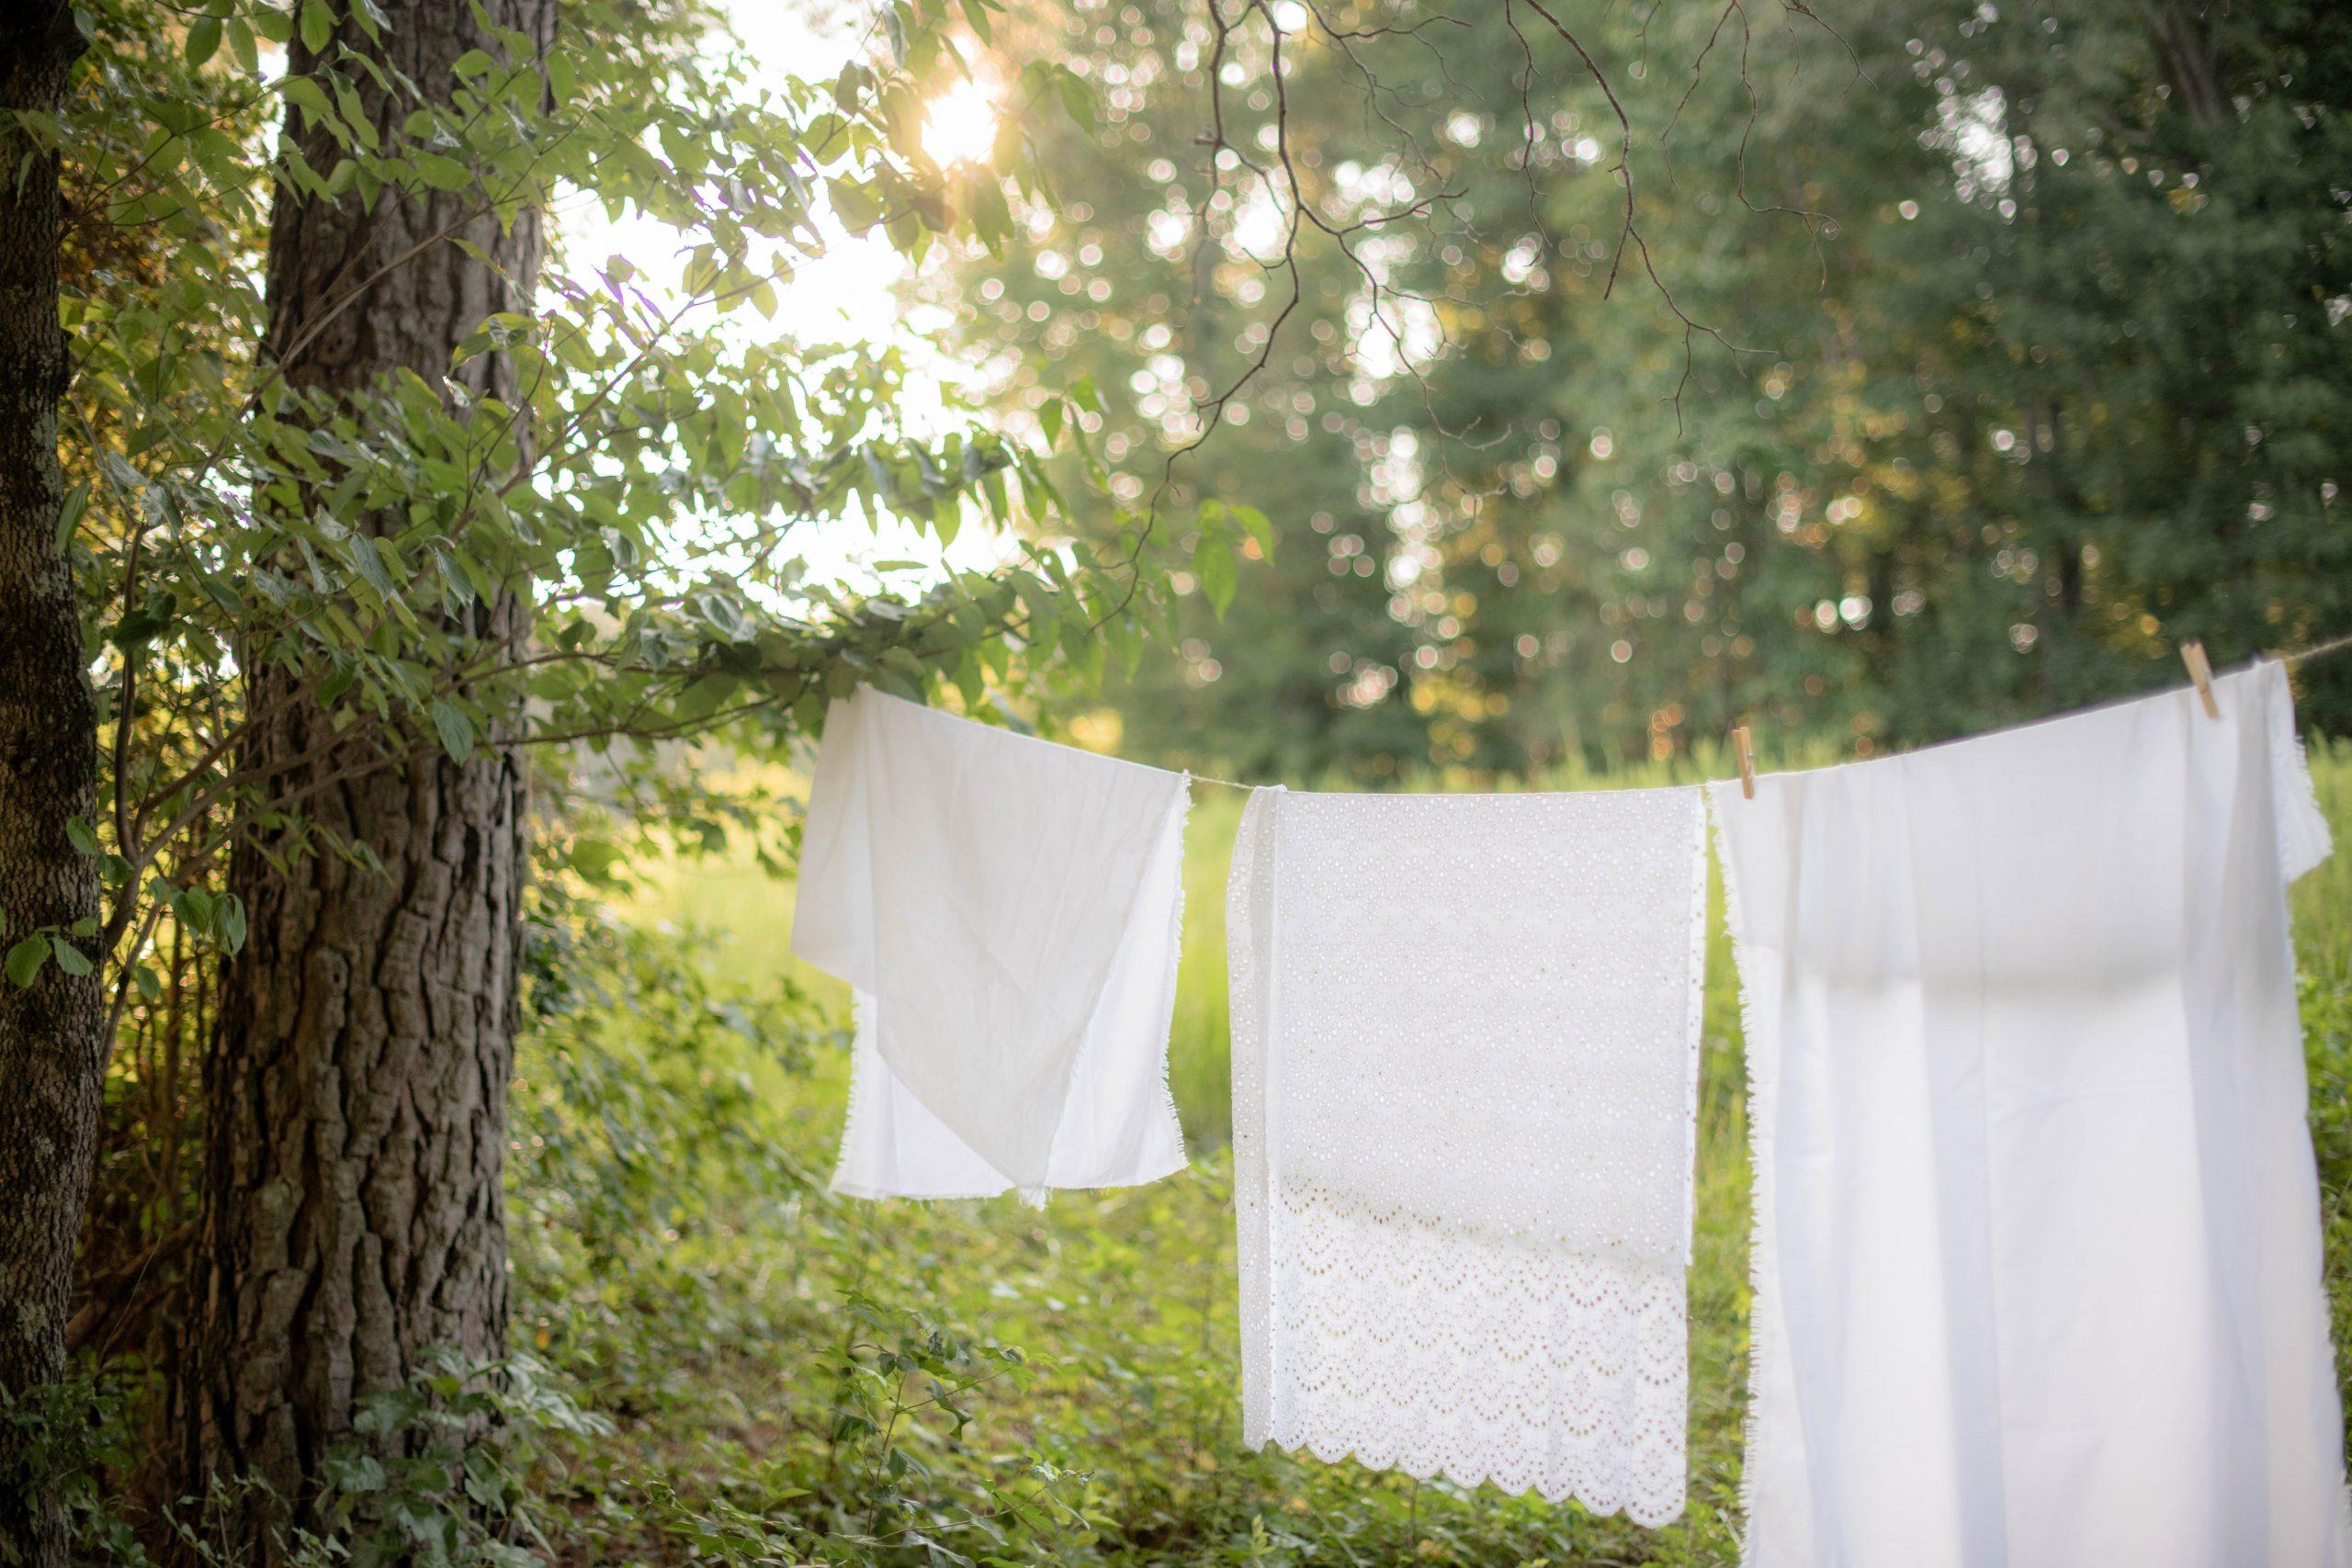 ייבוש בגדים על מתלה כביסה באוויר הצח חוסך באנרגייה